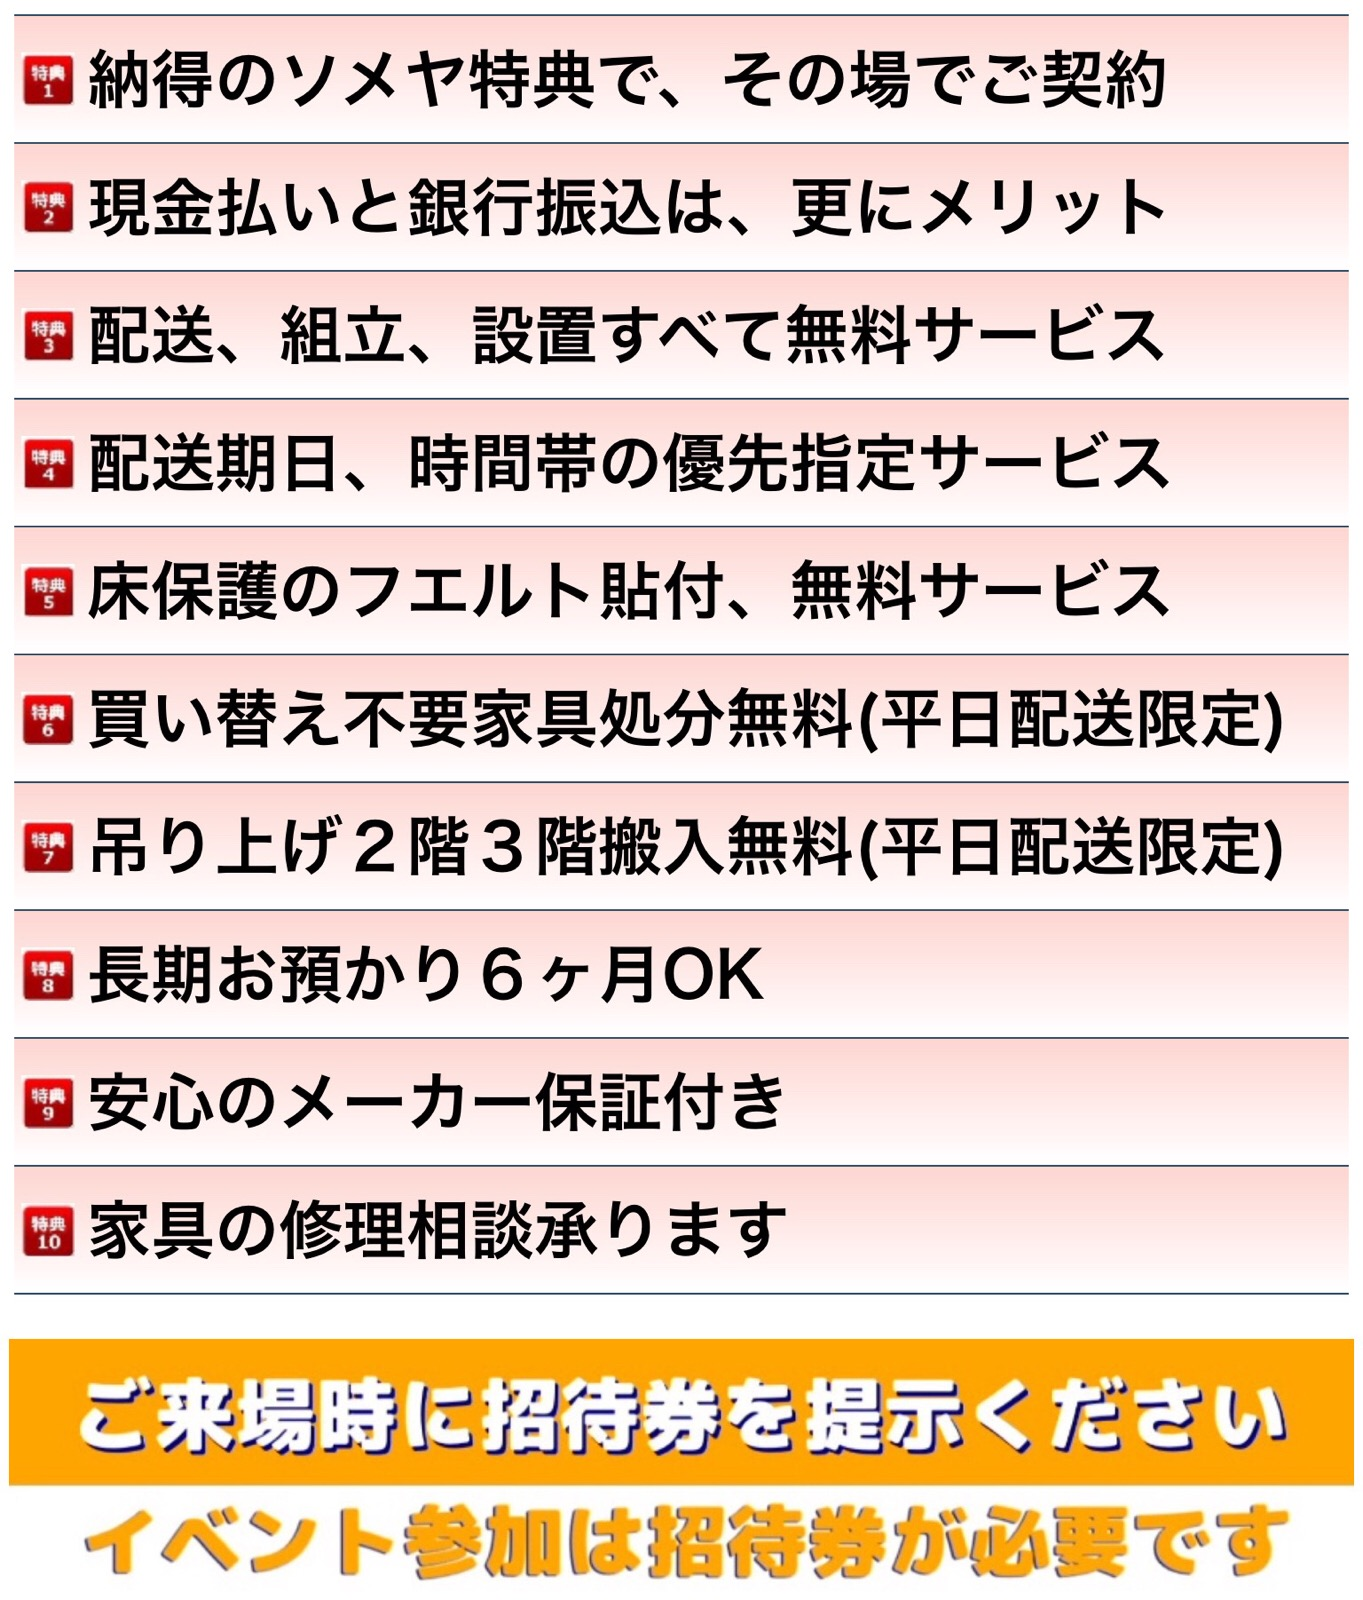 カリモク宇都宮イベント10大特典